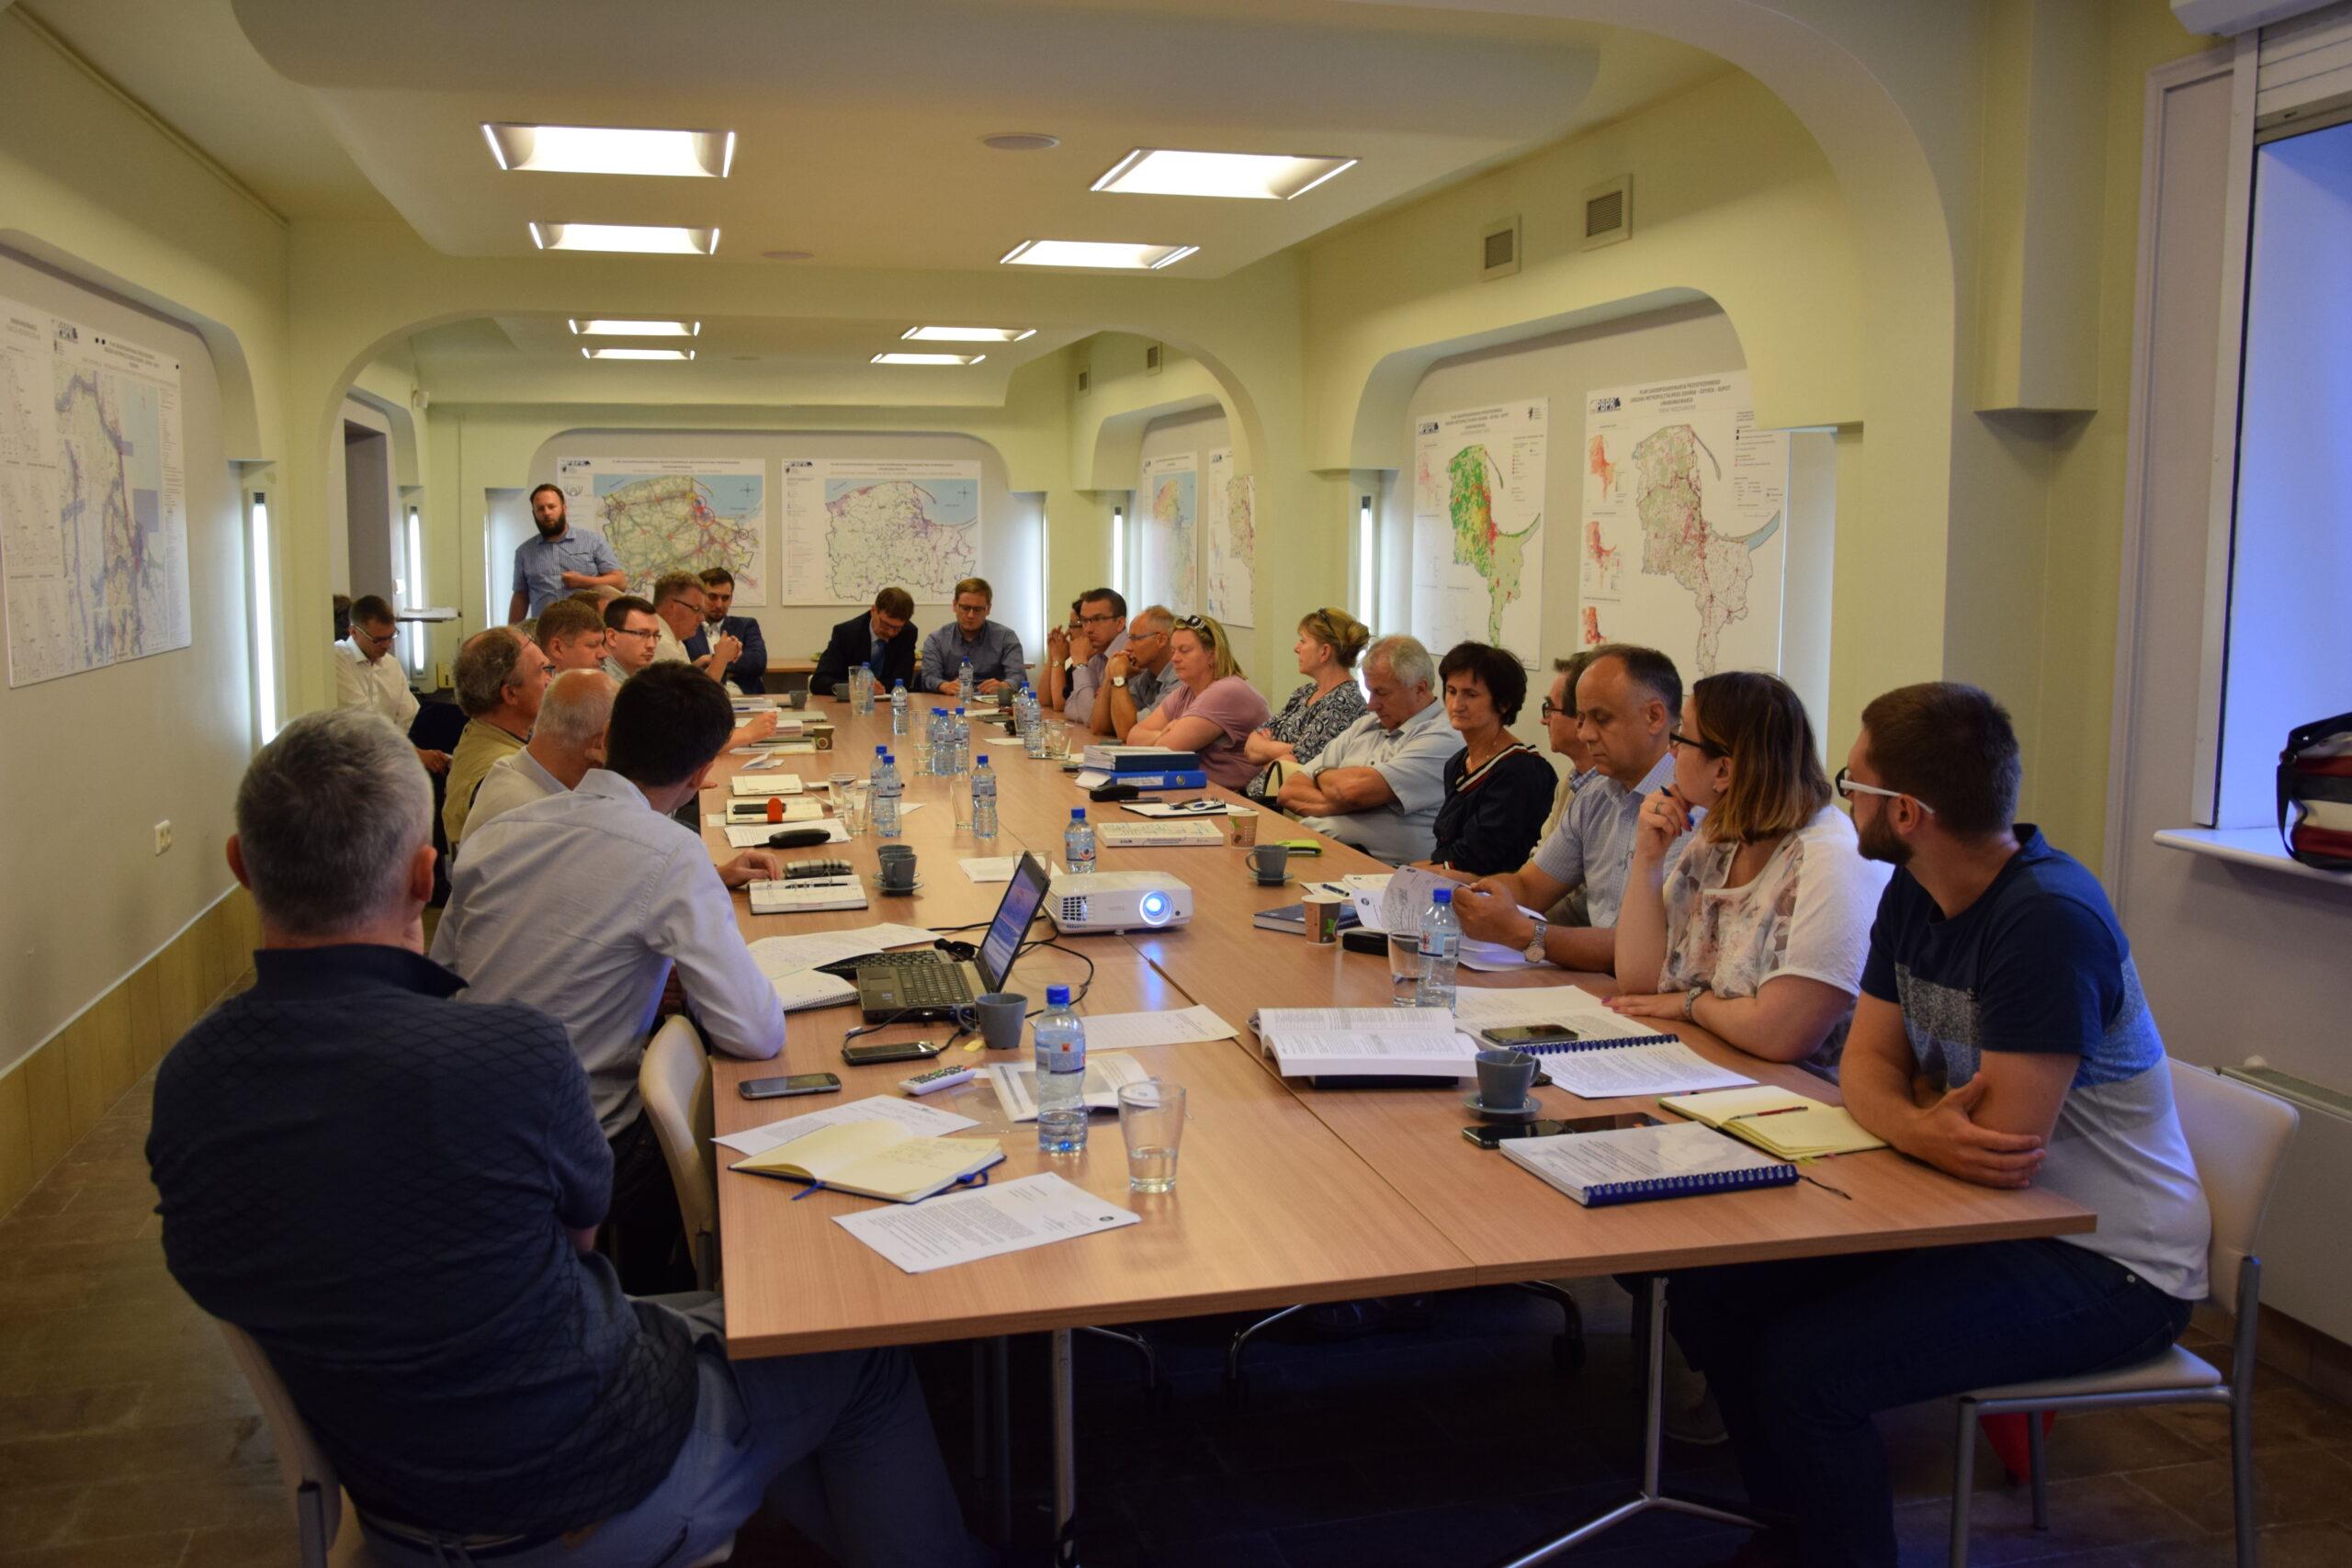 Pierwsze konsultacje w sprawie opracowania dokumentacji projektowej dotyczącej odcinka kolejowego Tczew – Gdynia.